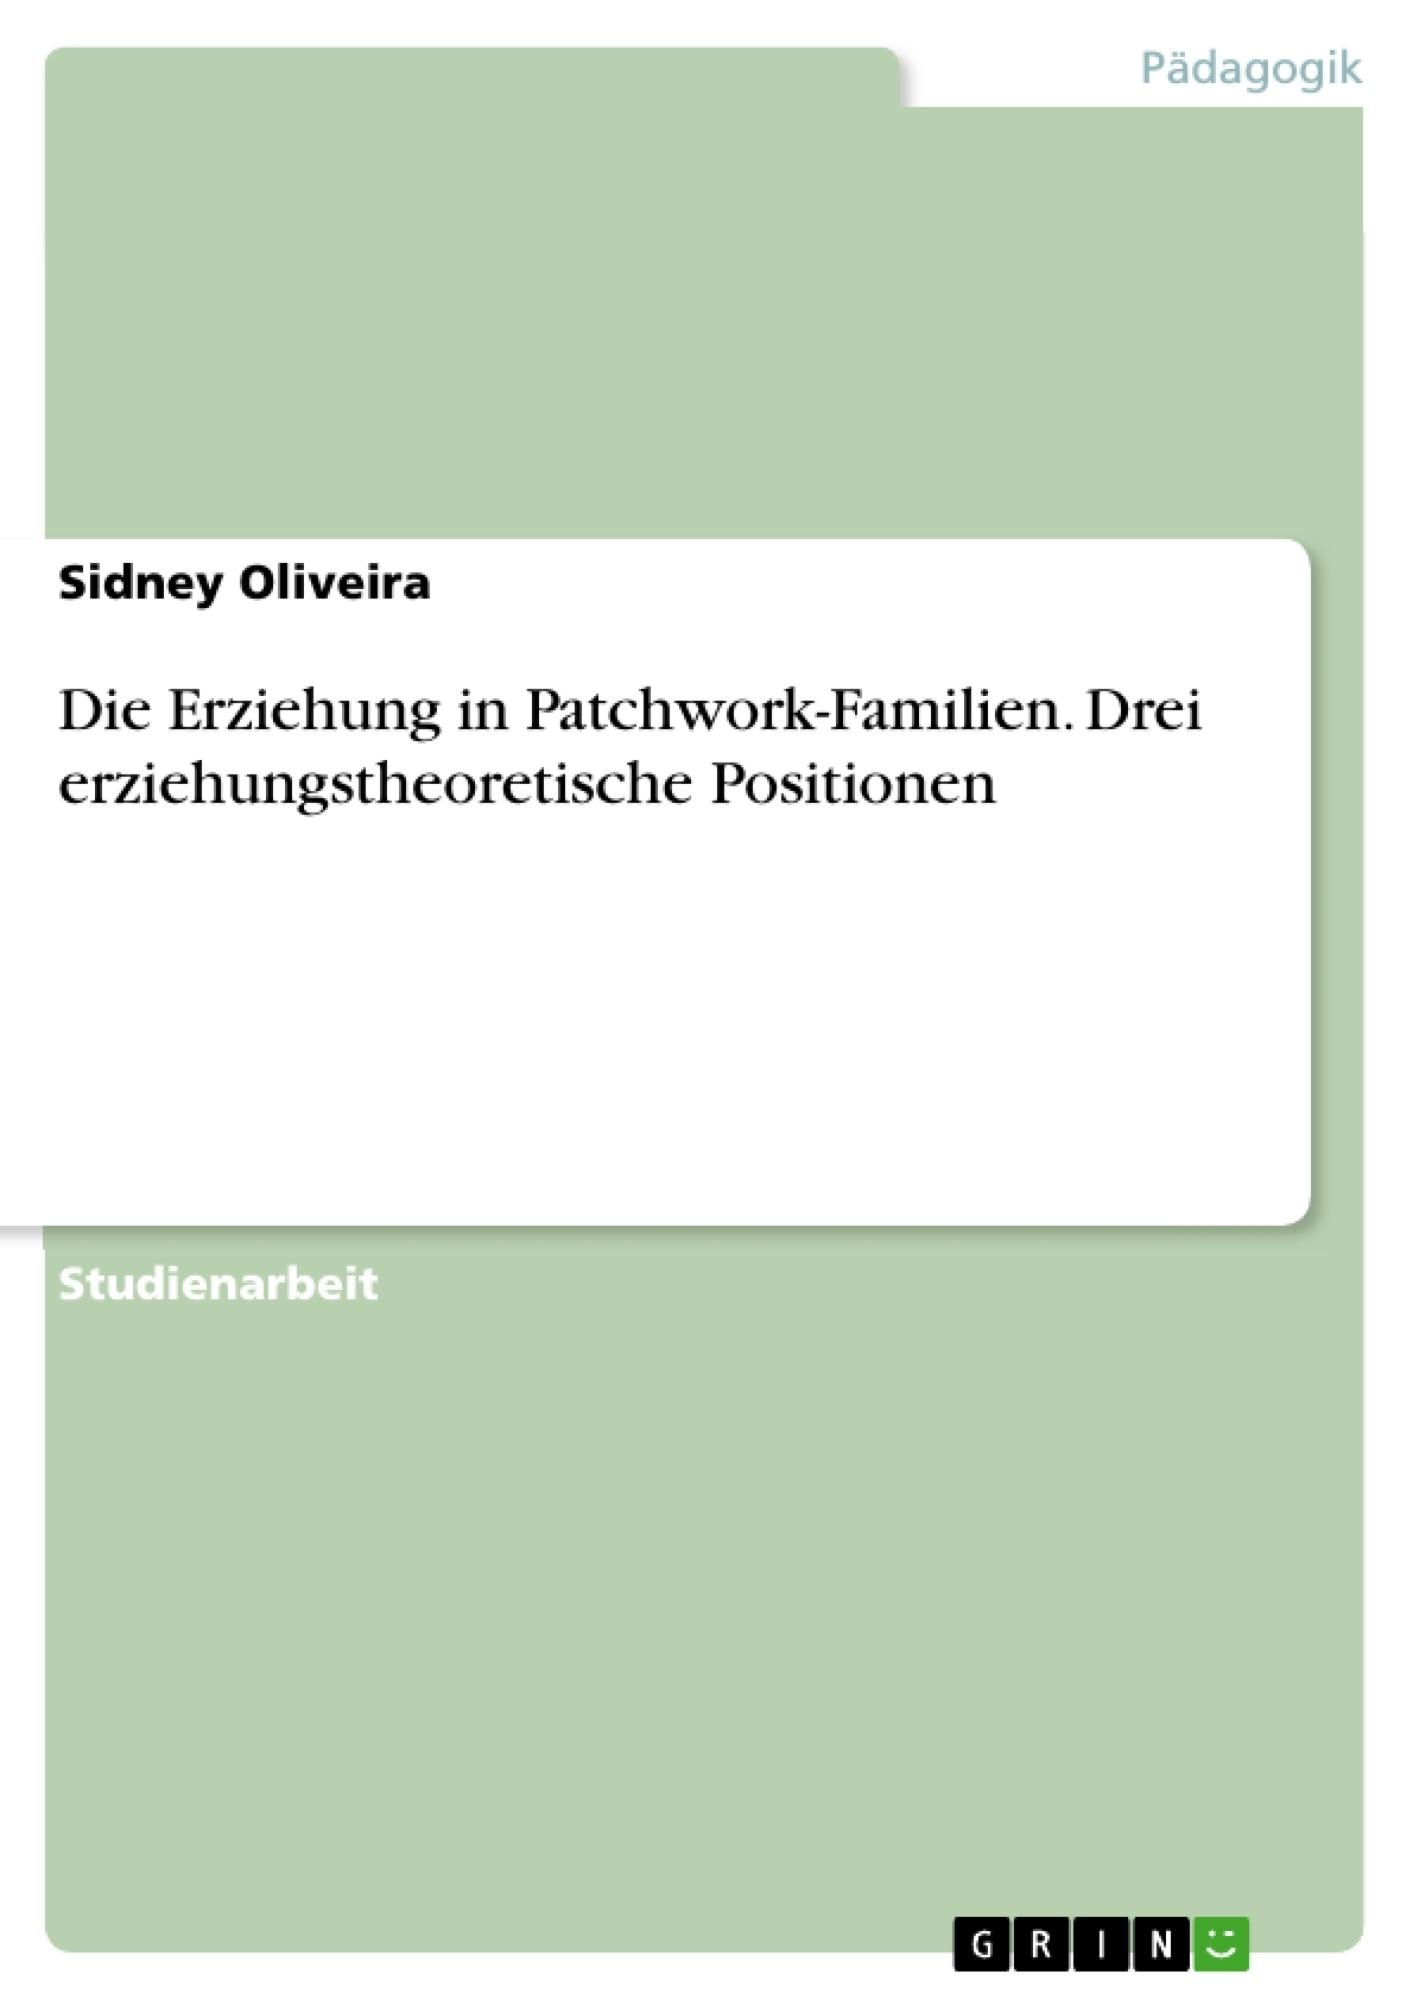 Titel: Die Erziehung in Patchwork-Familien. Drei erziehungstheoretische Positionen